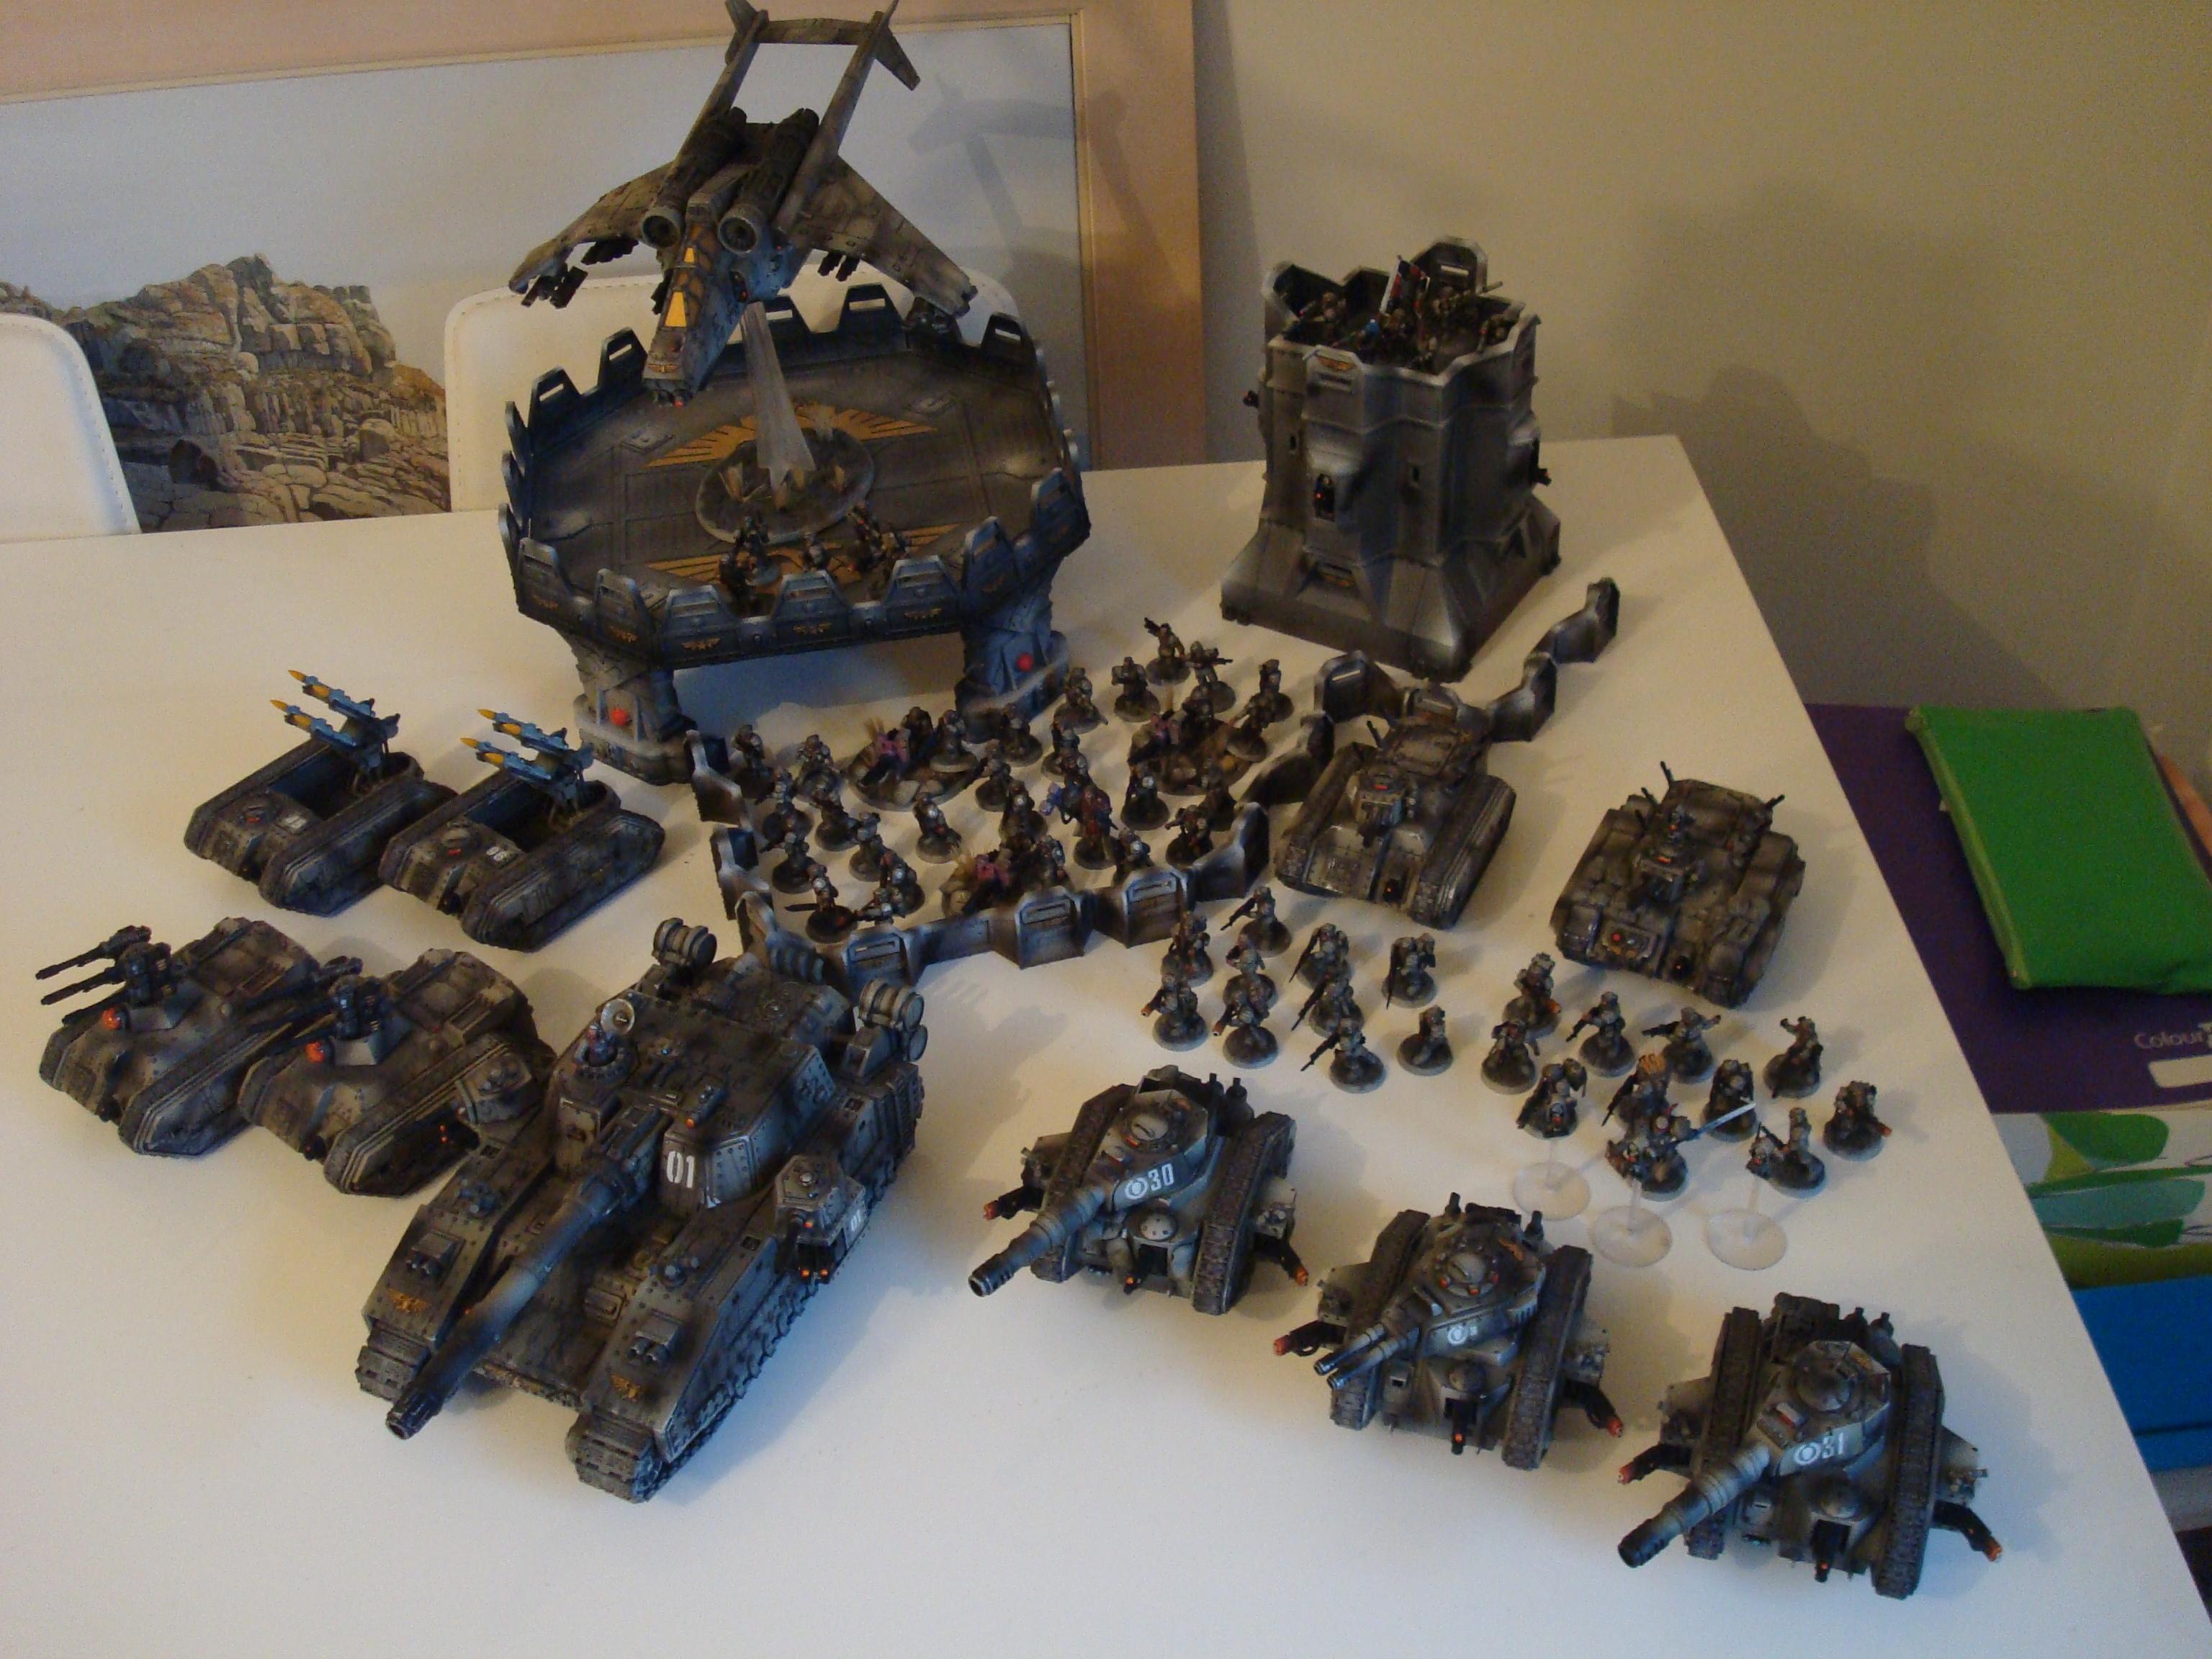 2500 pts Astra Militarum/ Inquisitor